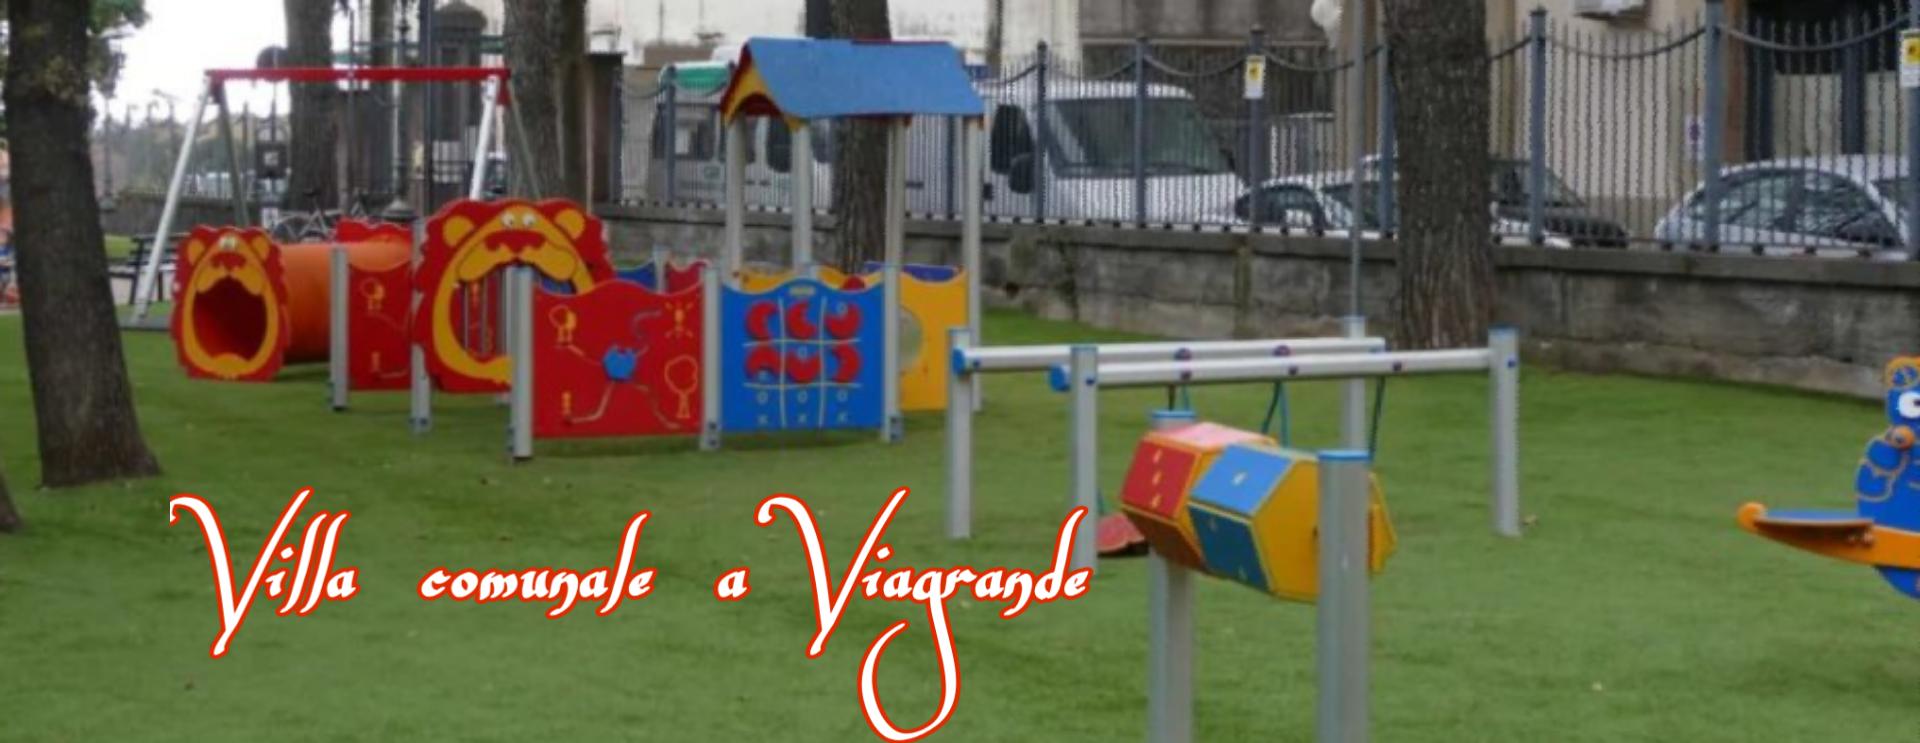 Parco giochi Viagrande